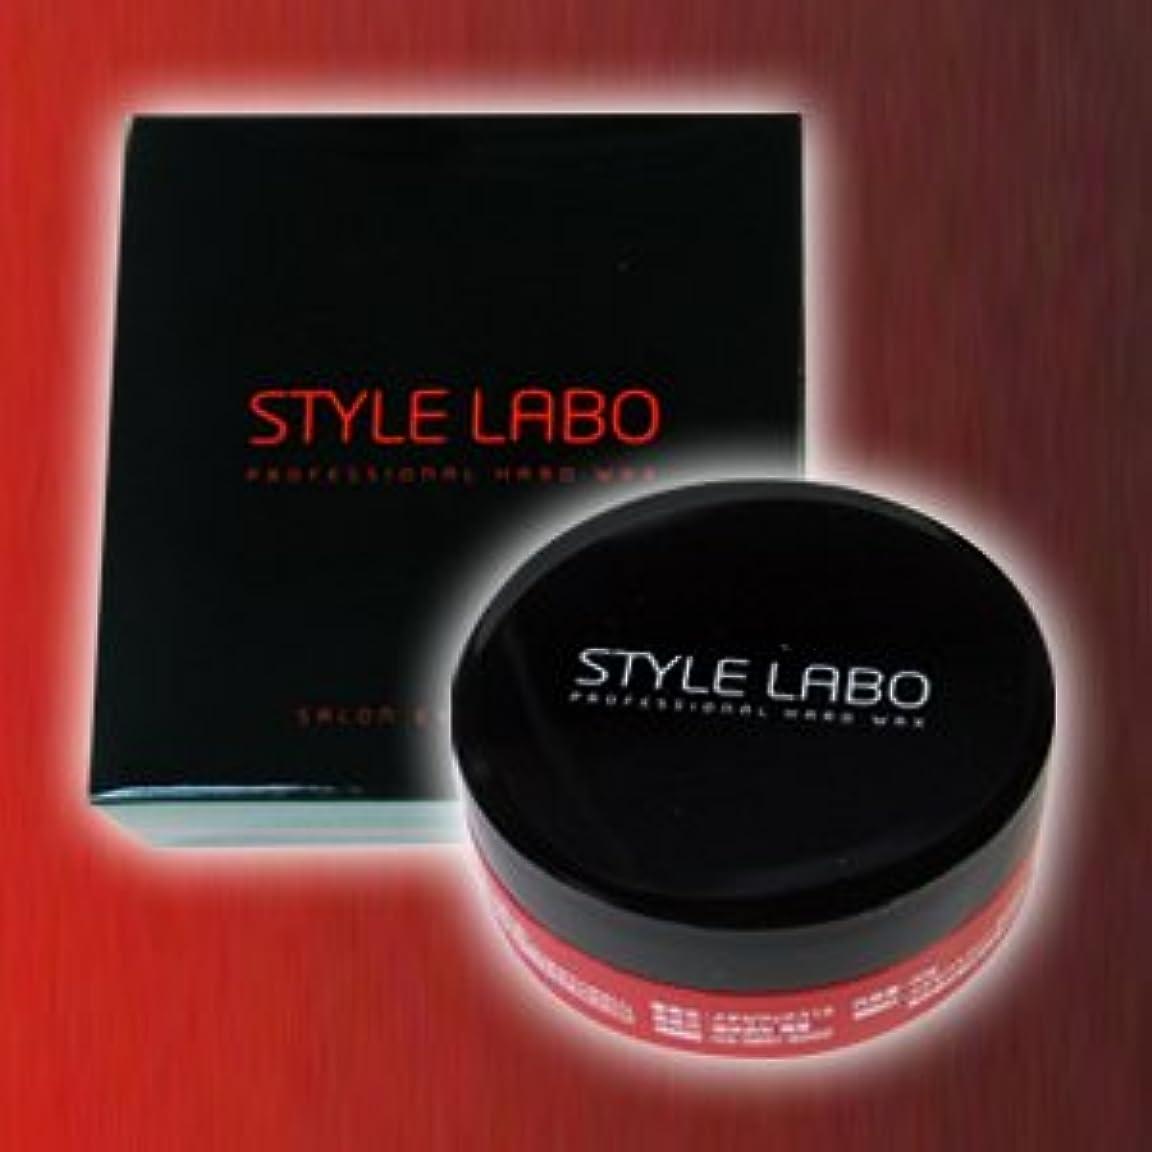 潮邪悪な予算STYLE LABO スタイルラボ ハードワックス 30g <化粧箱付>